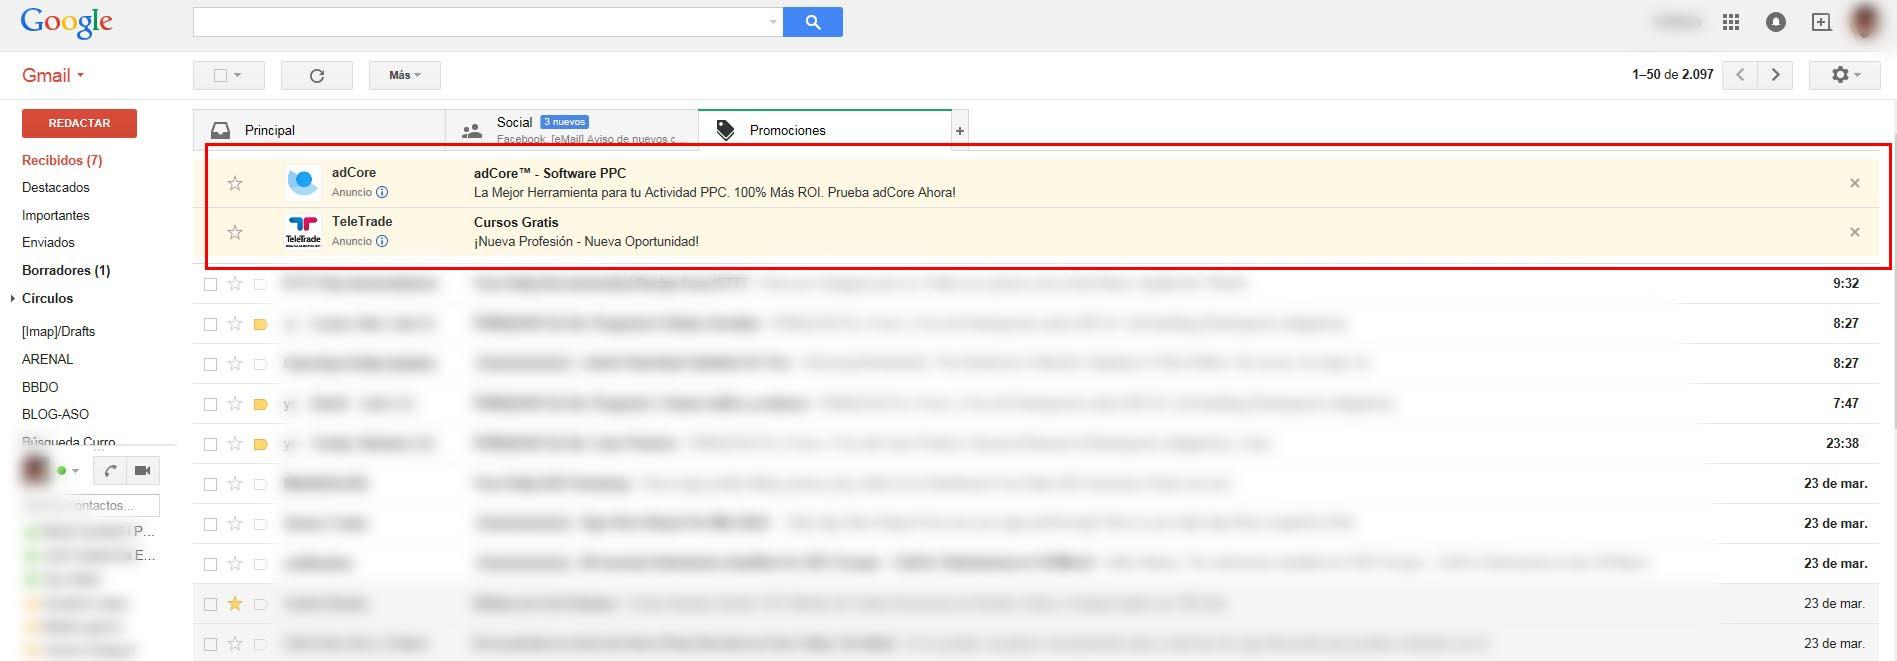 Gmail ya no personalizará su publicidad según el contenido de tus correos